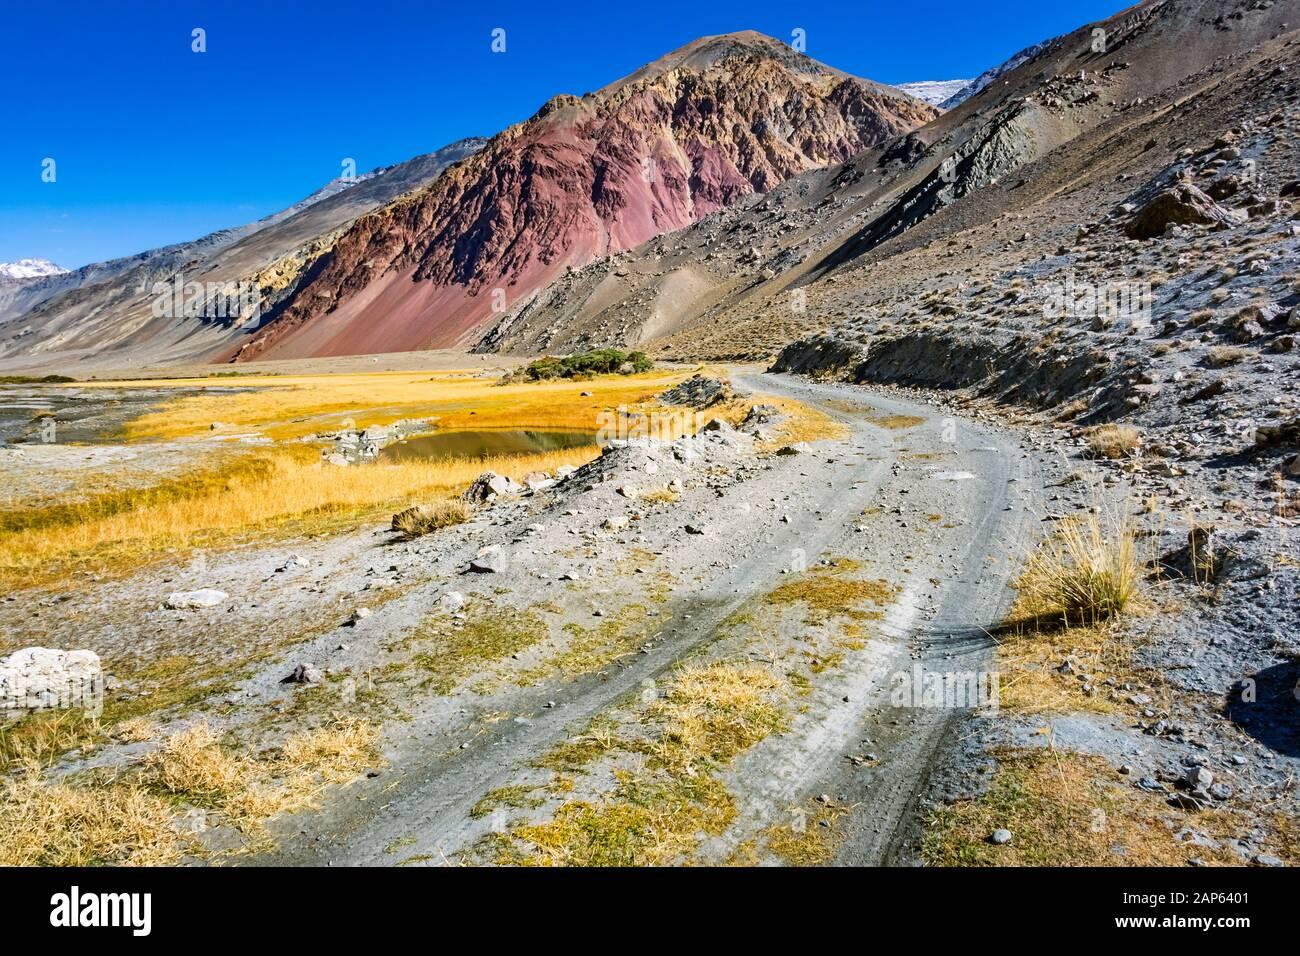 Río Bartang y Valle en las Montañas Pamir Tayikistán Foto de stock